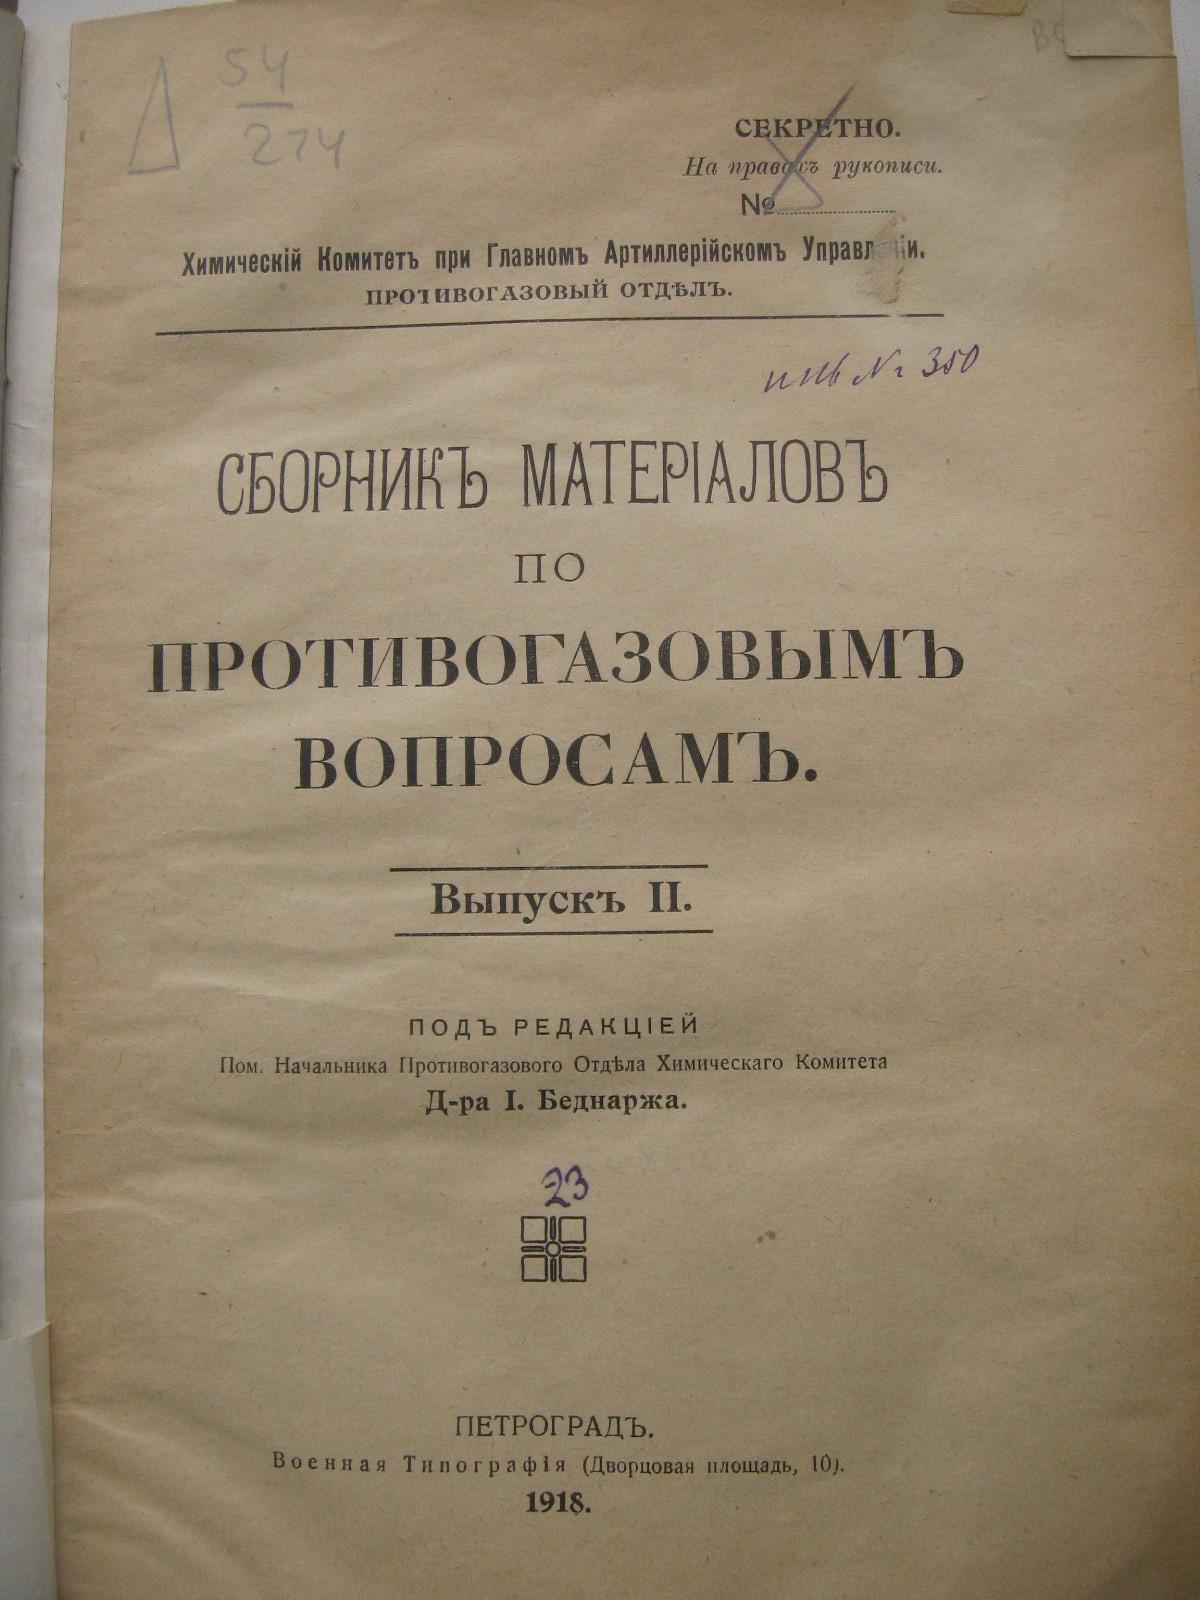 На фото: Сборник материалов по противогазовым вопросам. Выпуск II.  1918, автор: alexandr.chir